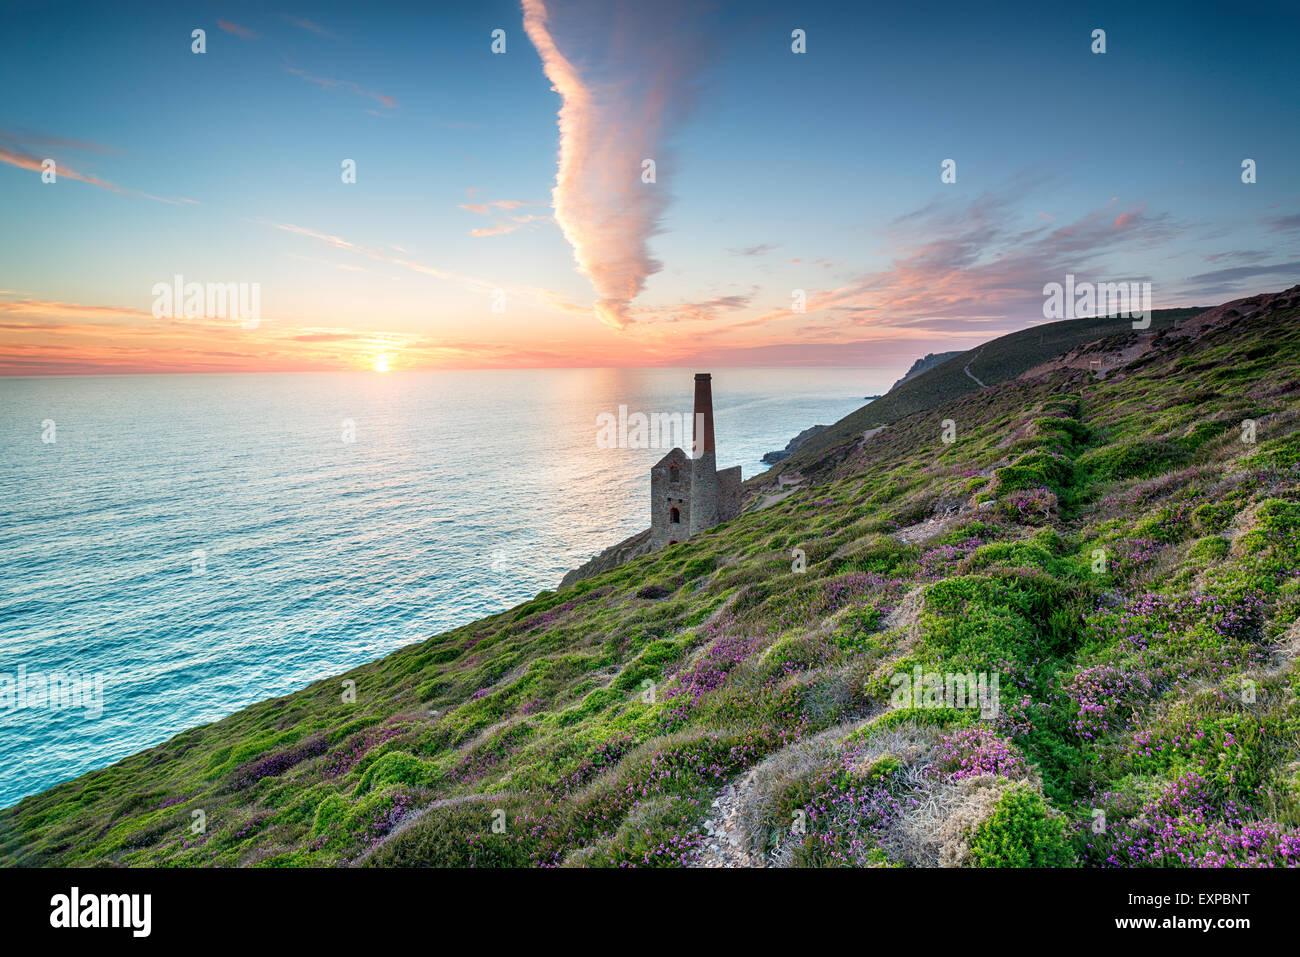 Sonnenuntergang an der Küste von Cornwall in St. Agnes, Blick auf das Towanroath-Maschinenhaus Stockbild